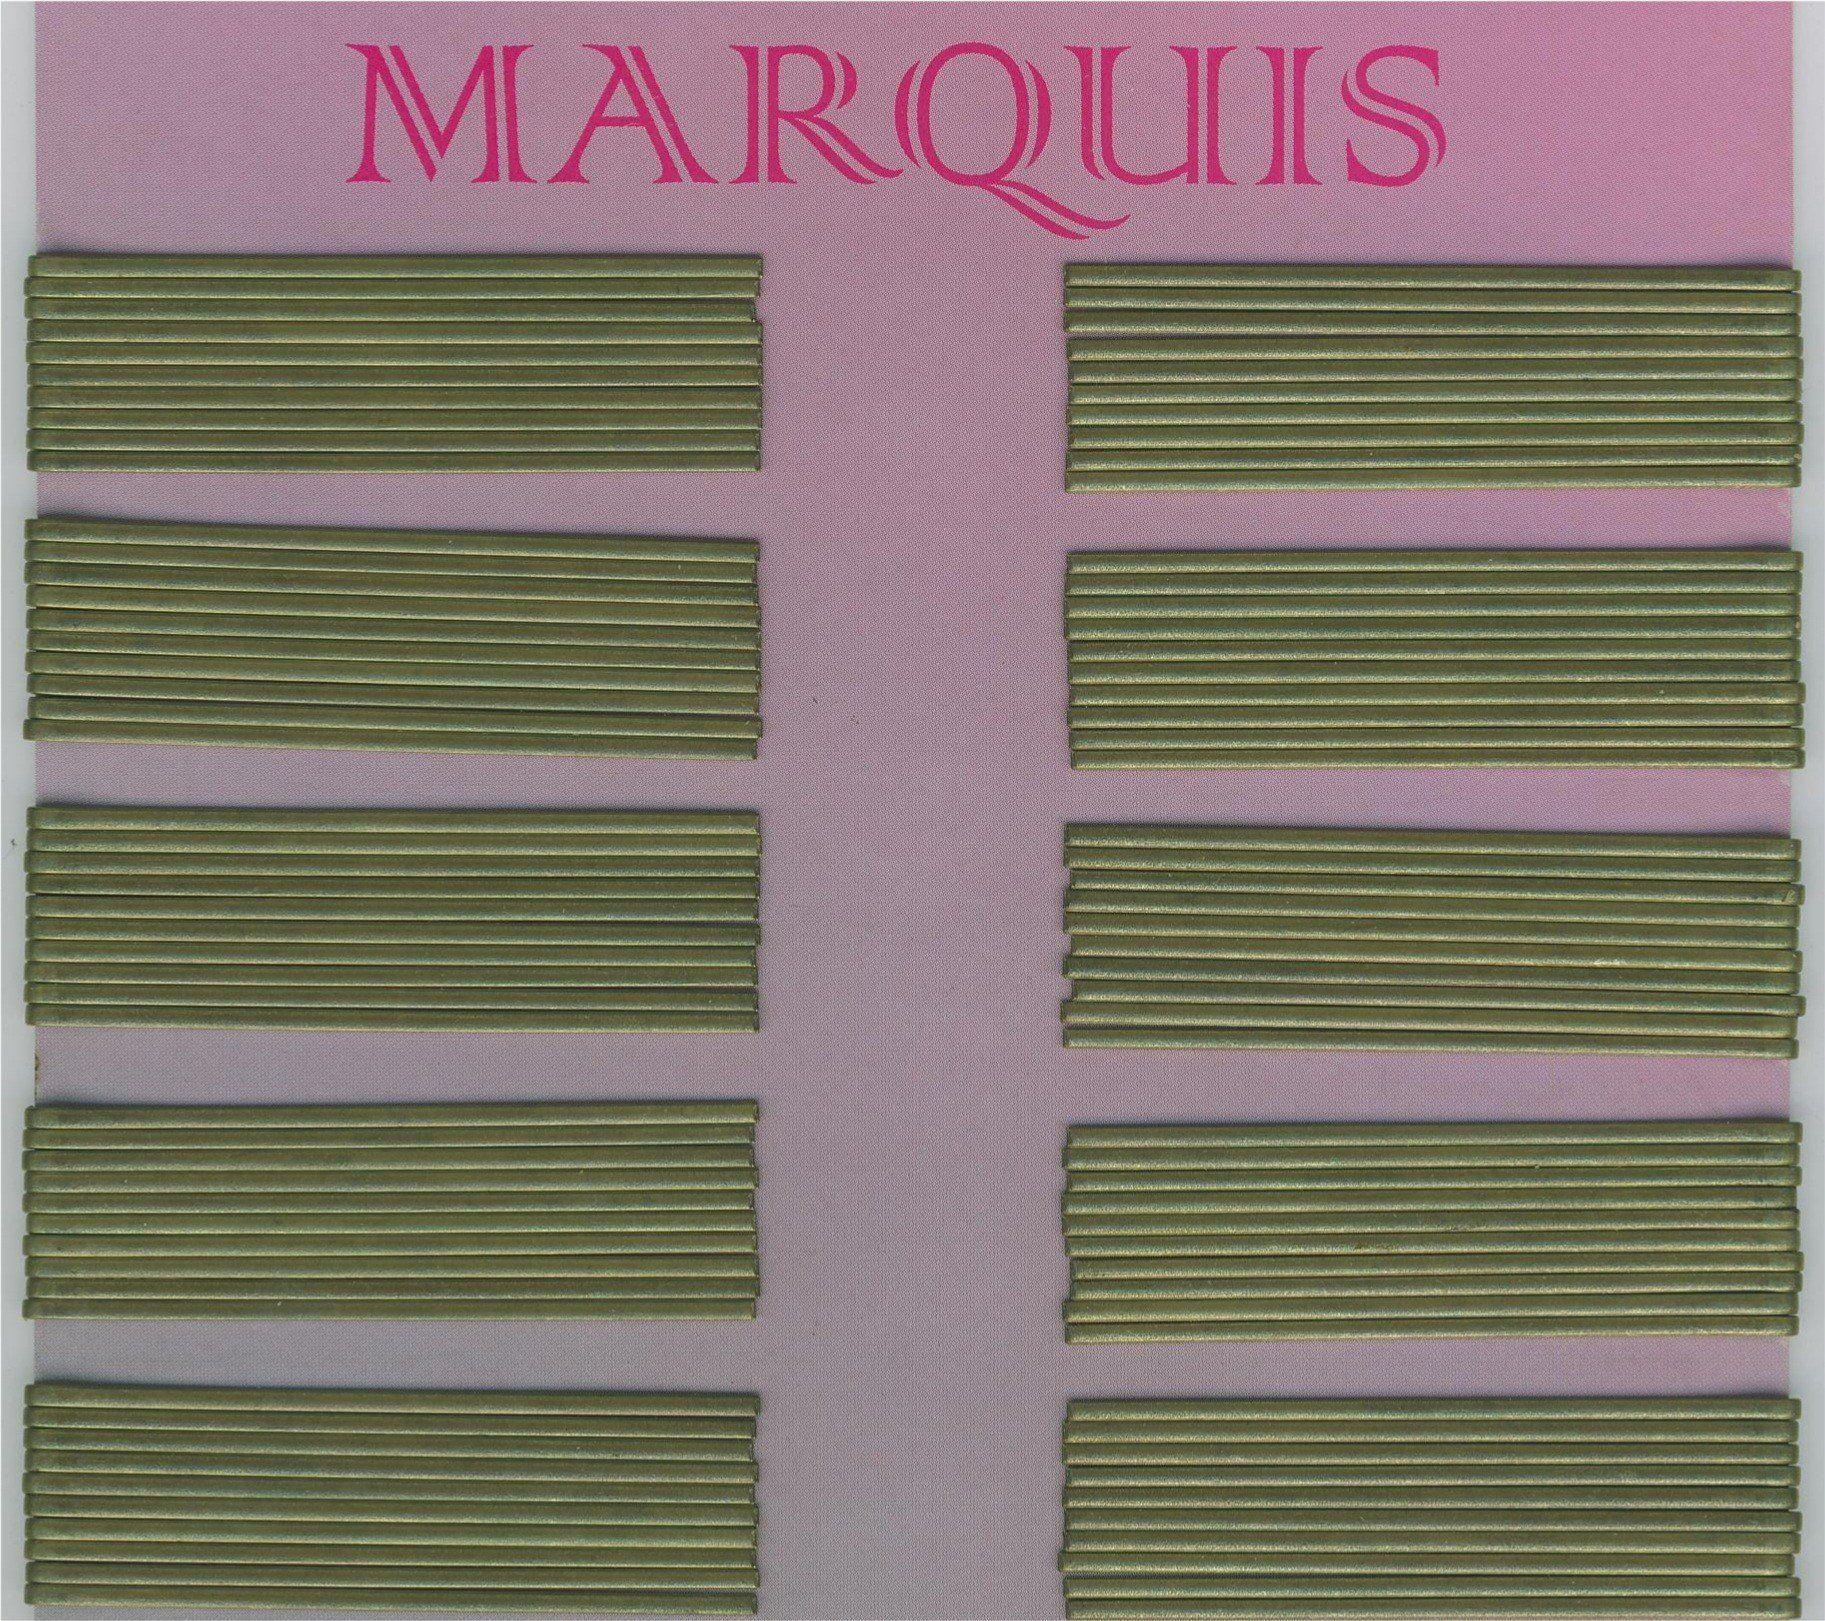 Efalock Marquis klips do włosów, 100 sztuk, długość 7 cm, złoty, 0,18 kg